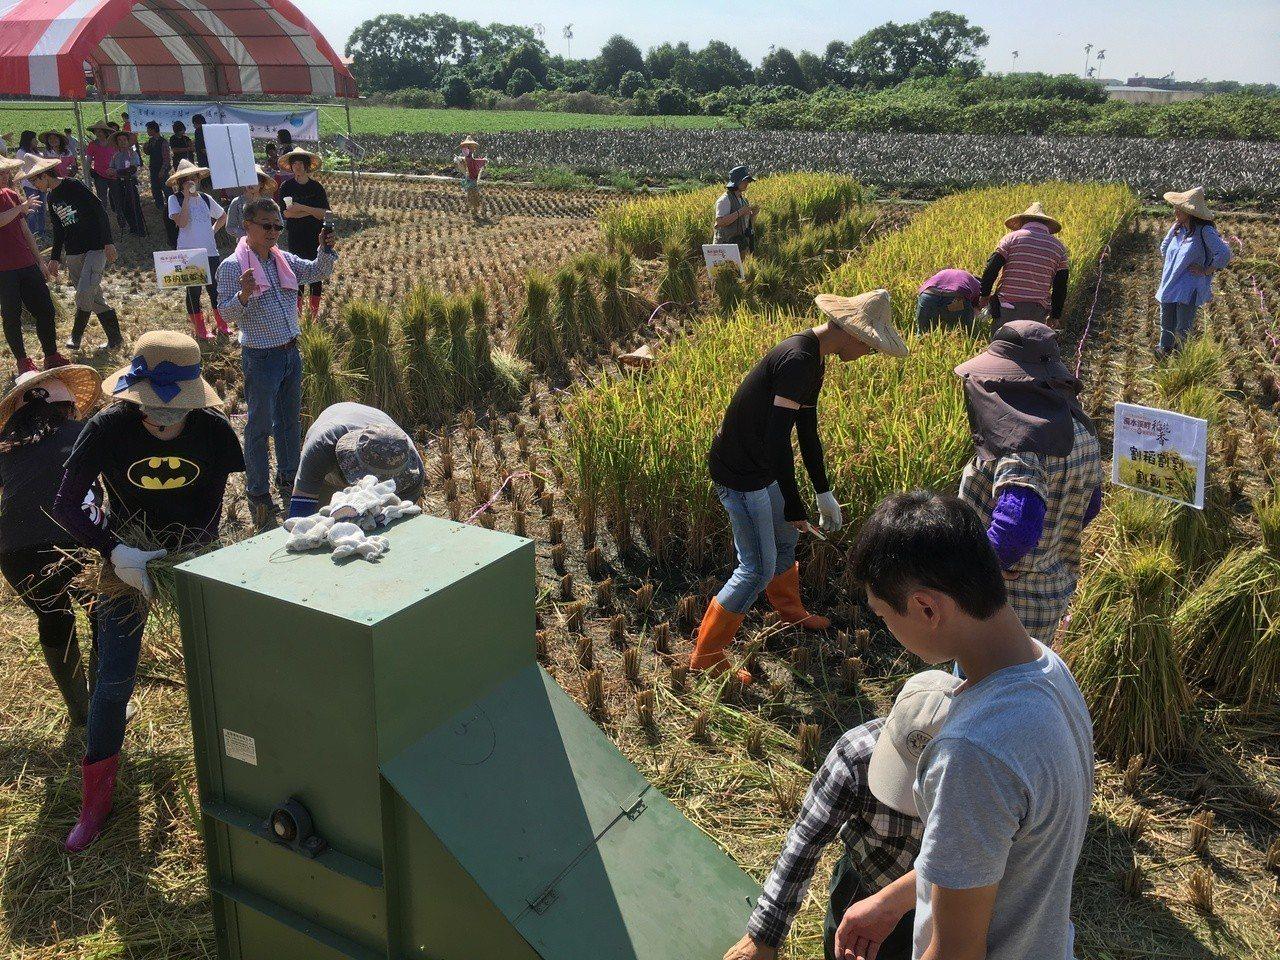 雲林縣第二期稻作已陸續收割,林內鄉農會今天舉辦割稻競賽及品嘗割稻飯體驗活動,重現...